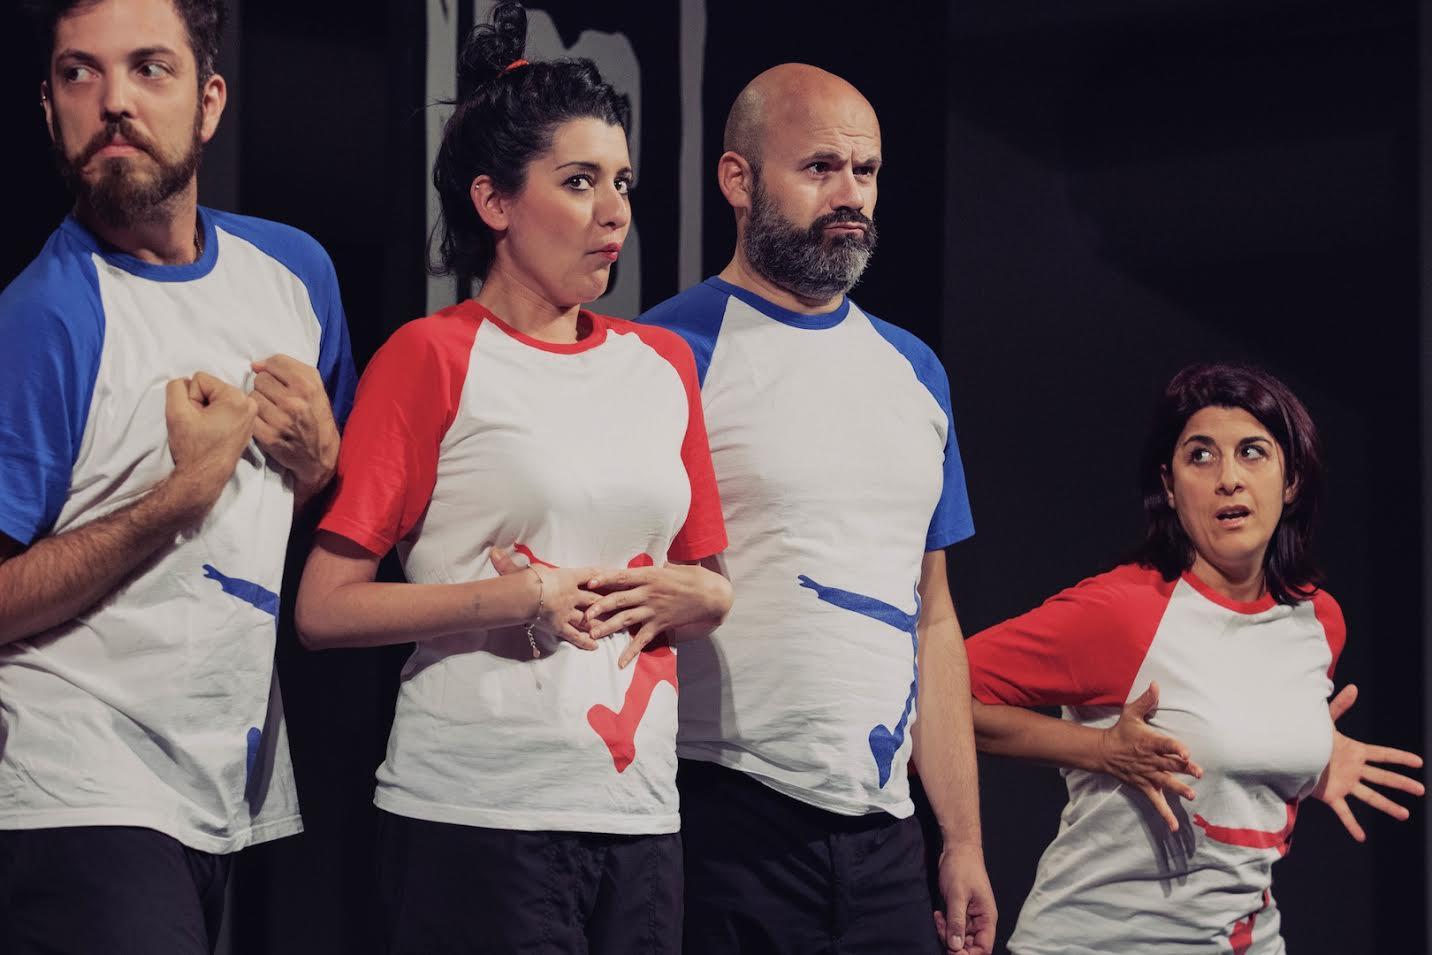 Ufficio Stampa Teatro Nuovo : Improteatro festival capitolo iv quartaparete